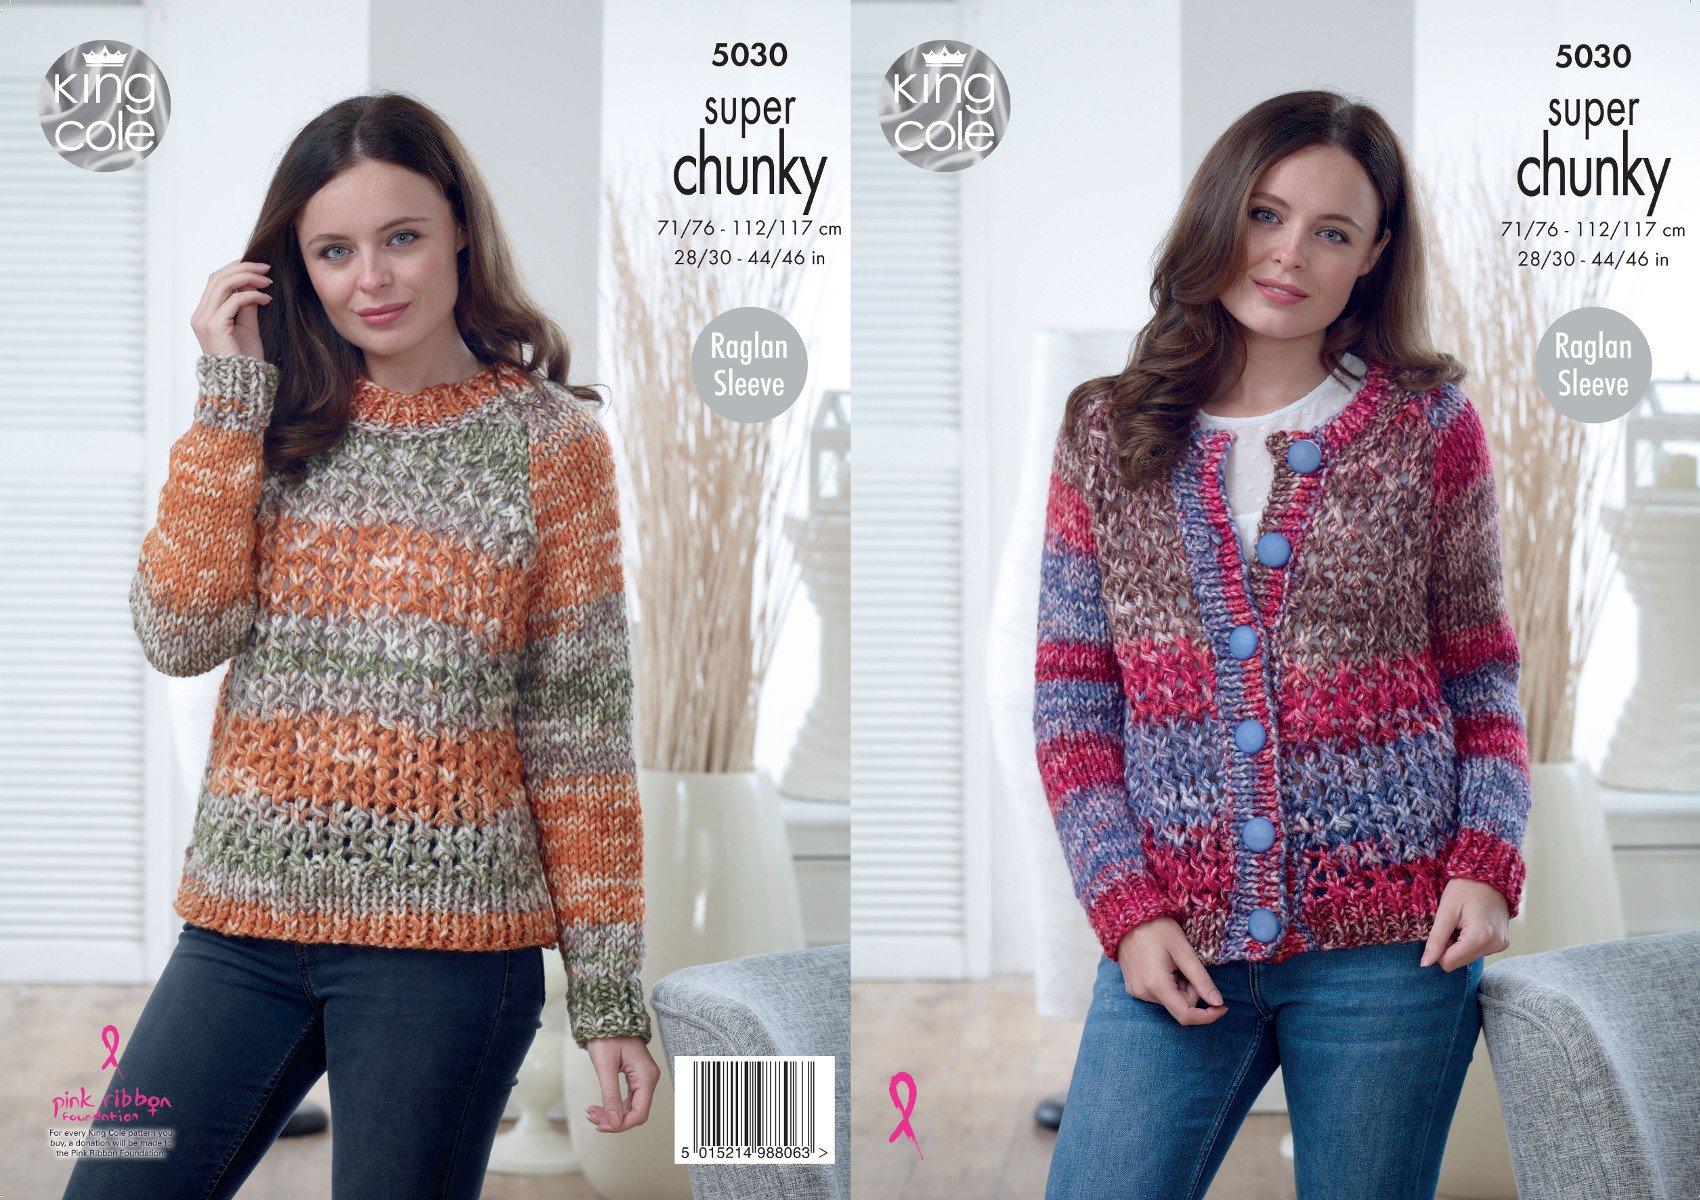 Chunky Cardigan Knitting Pattern - FREE PATTERNS